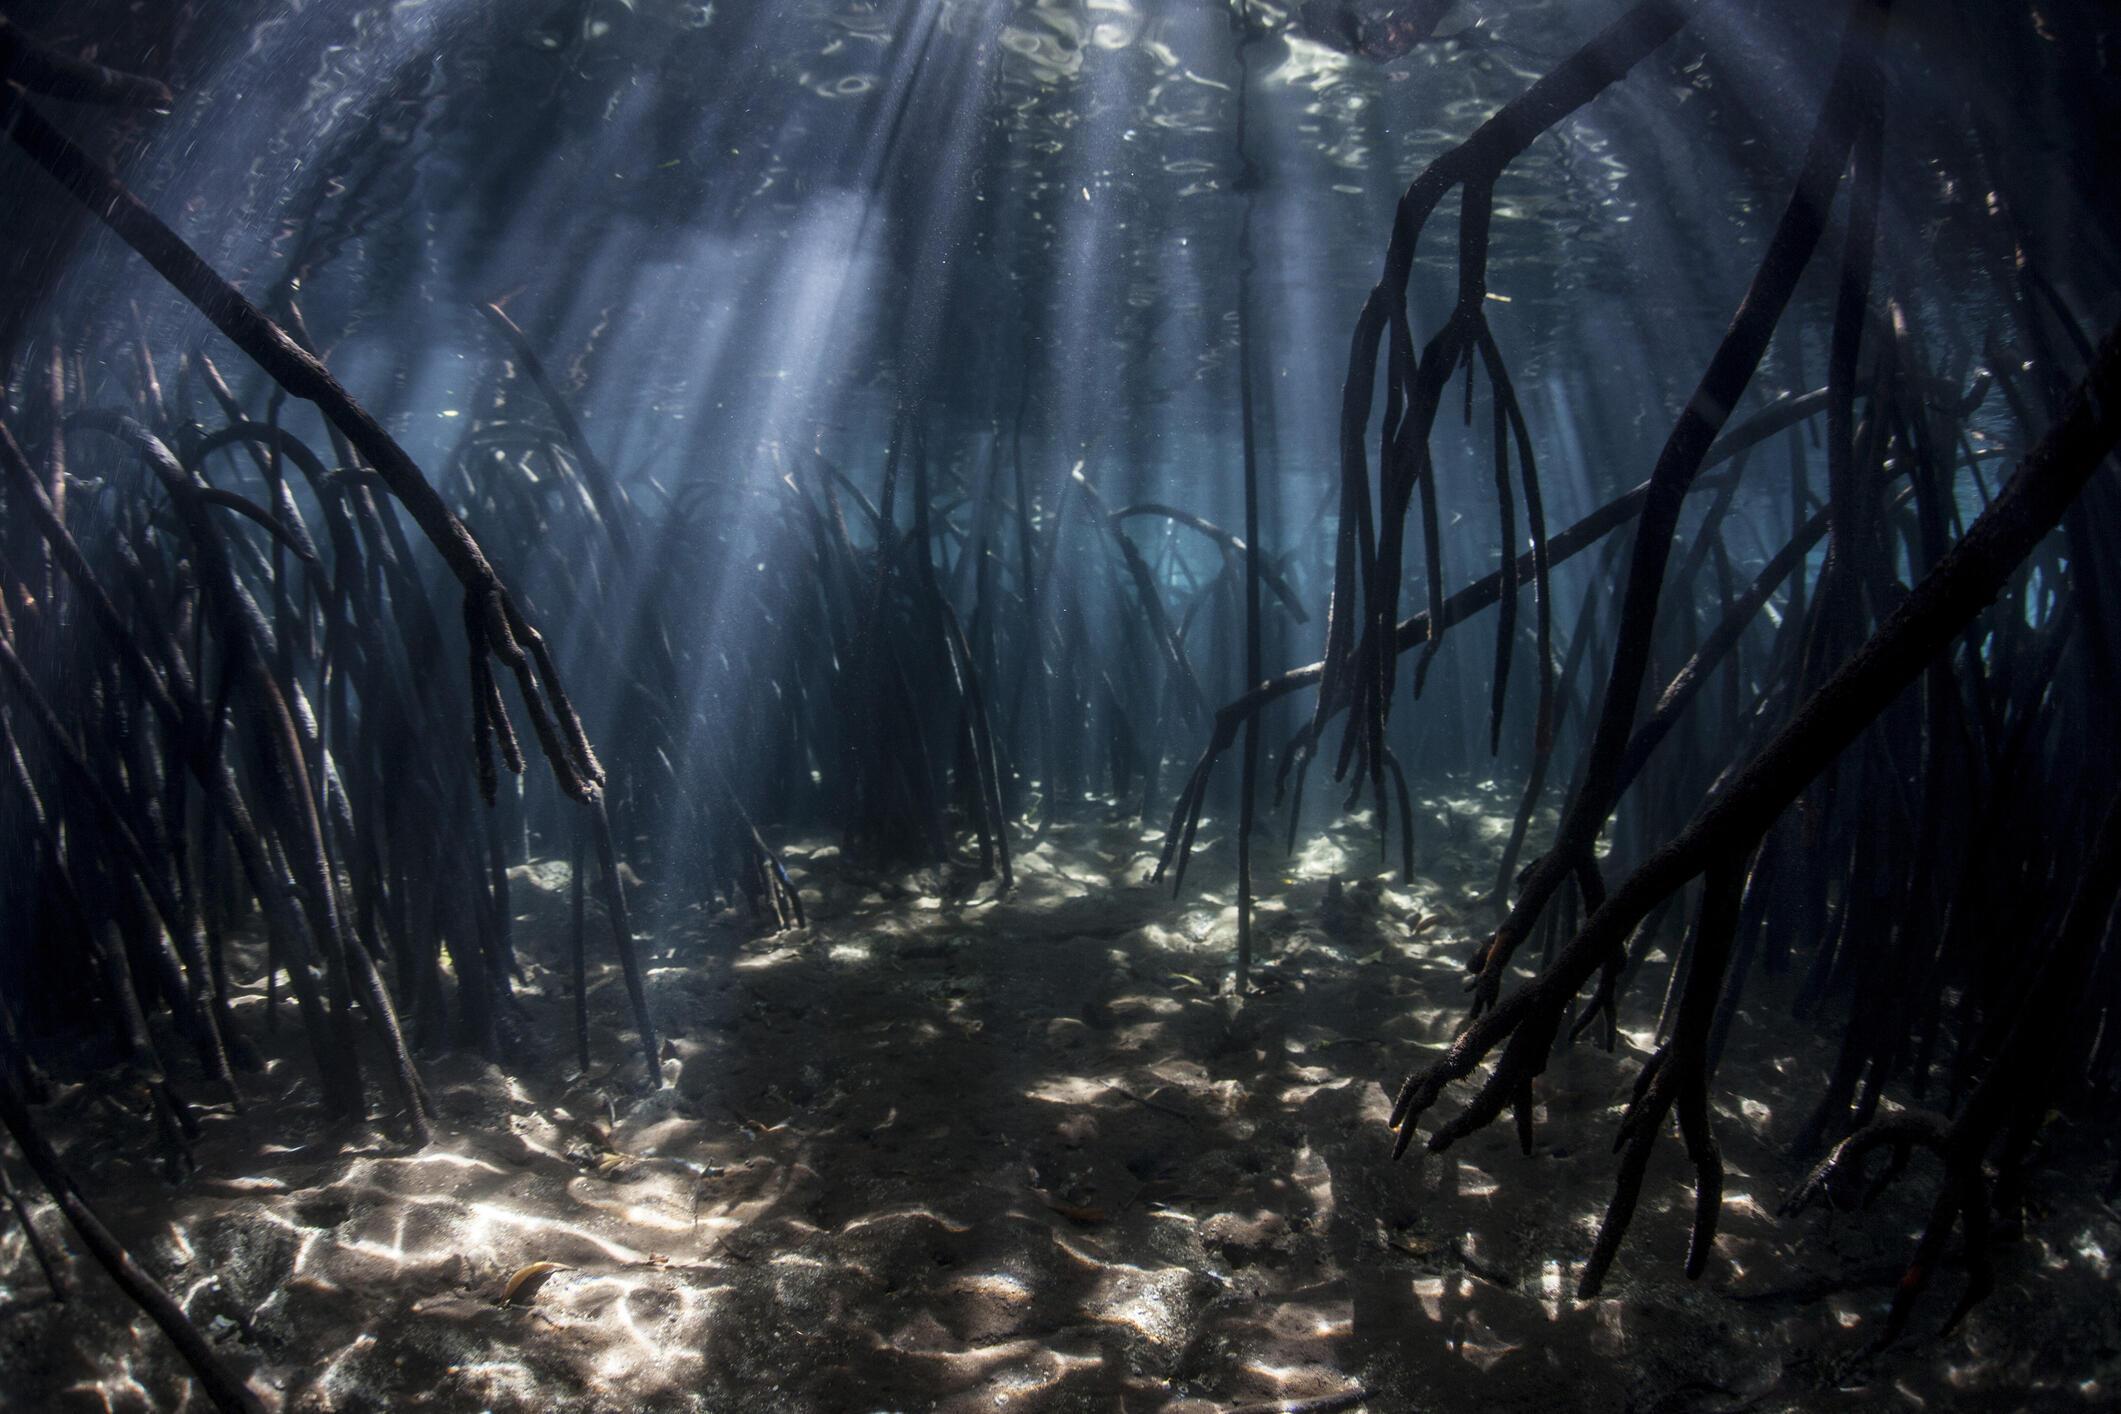 Le concept de carbone bleu s'applique à l'écosystème spécifique de la mangrove, des algues et des marais du littoral. La mangrove absorberait jusqu'à cinq fois plus de CO2 que les plantes d'une forêt tropicale.